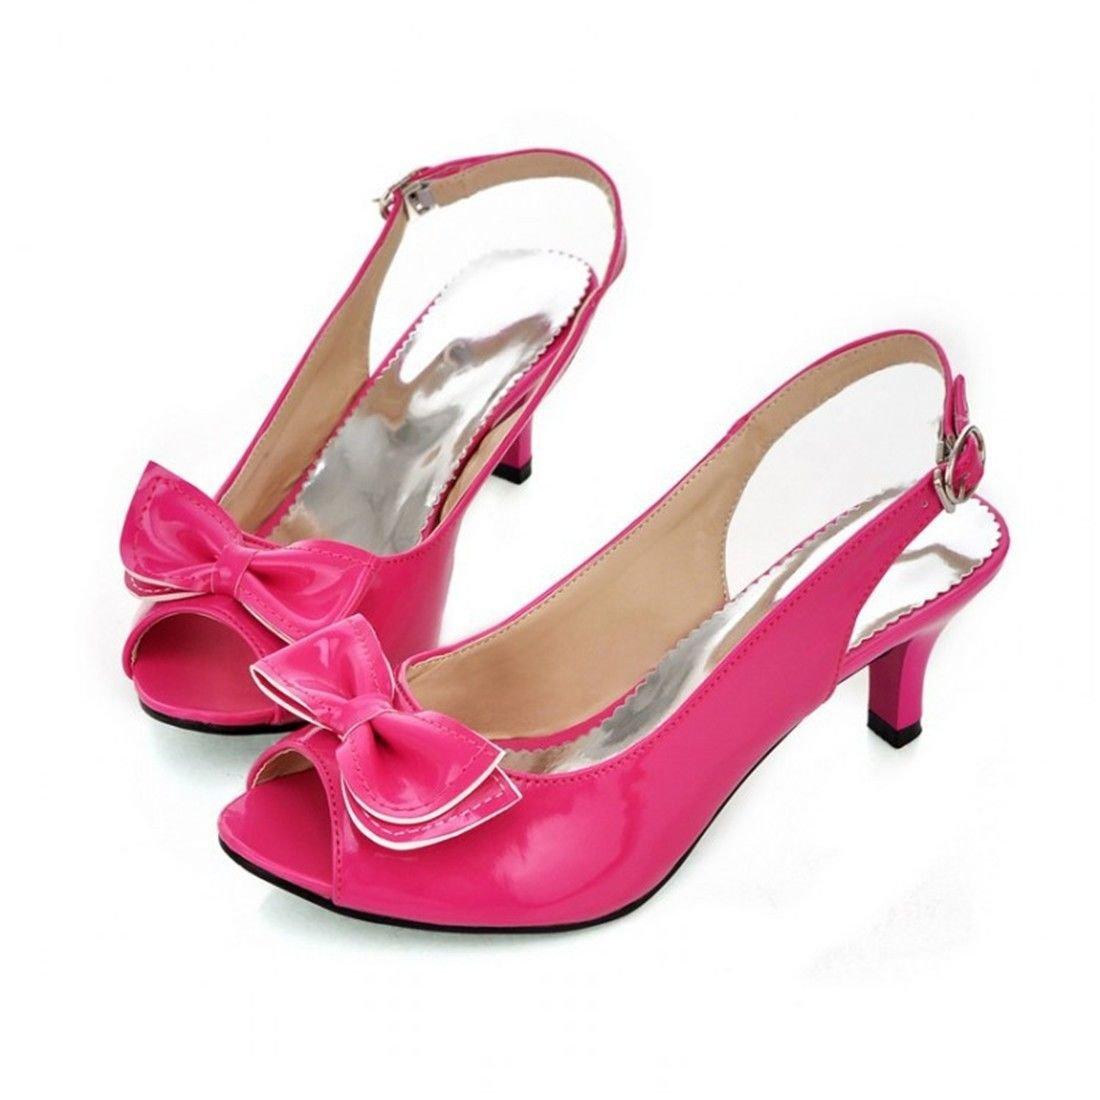 Femme Sandales/Bout Ouvert/Spartiates Femme/Bout Fermé/Monsieur Cuir Peint, avec Papillon Women's Chaussures Sandales Grand Code